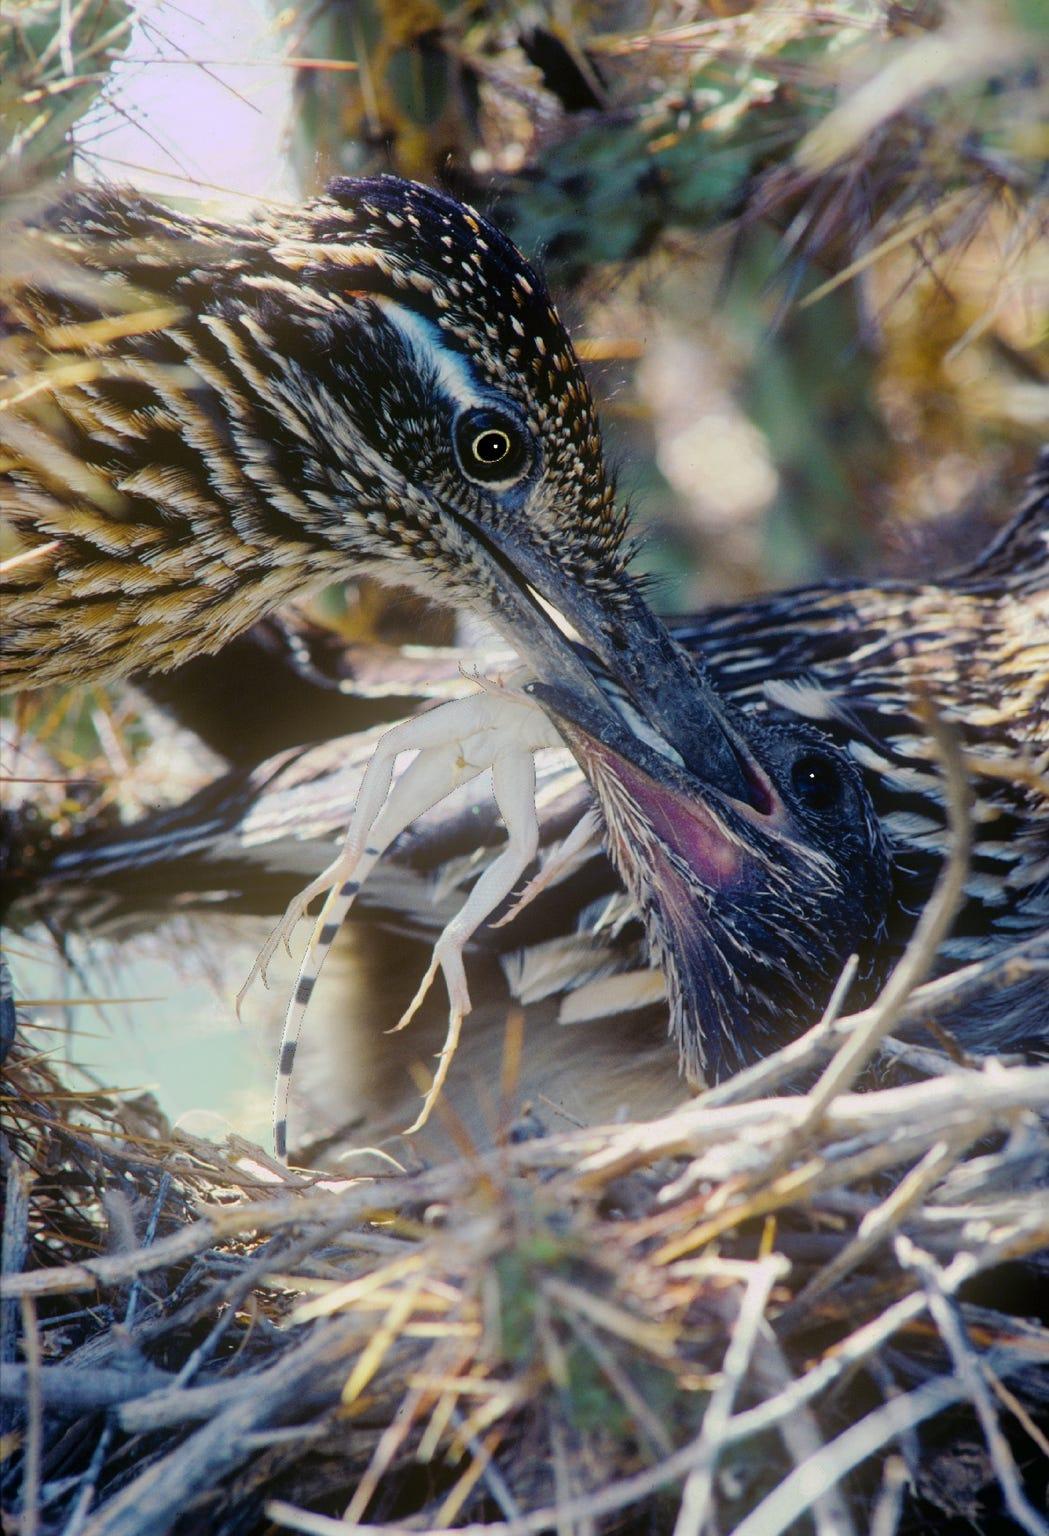 A parent roadrunner feeding a lizard to a chick